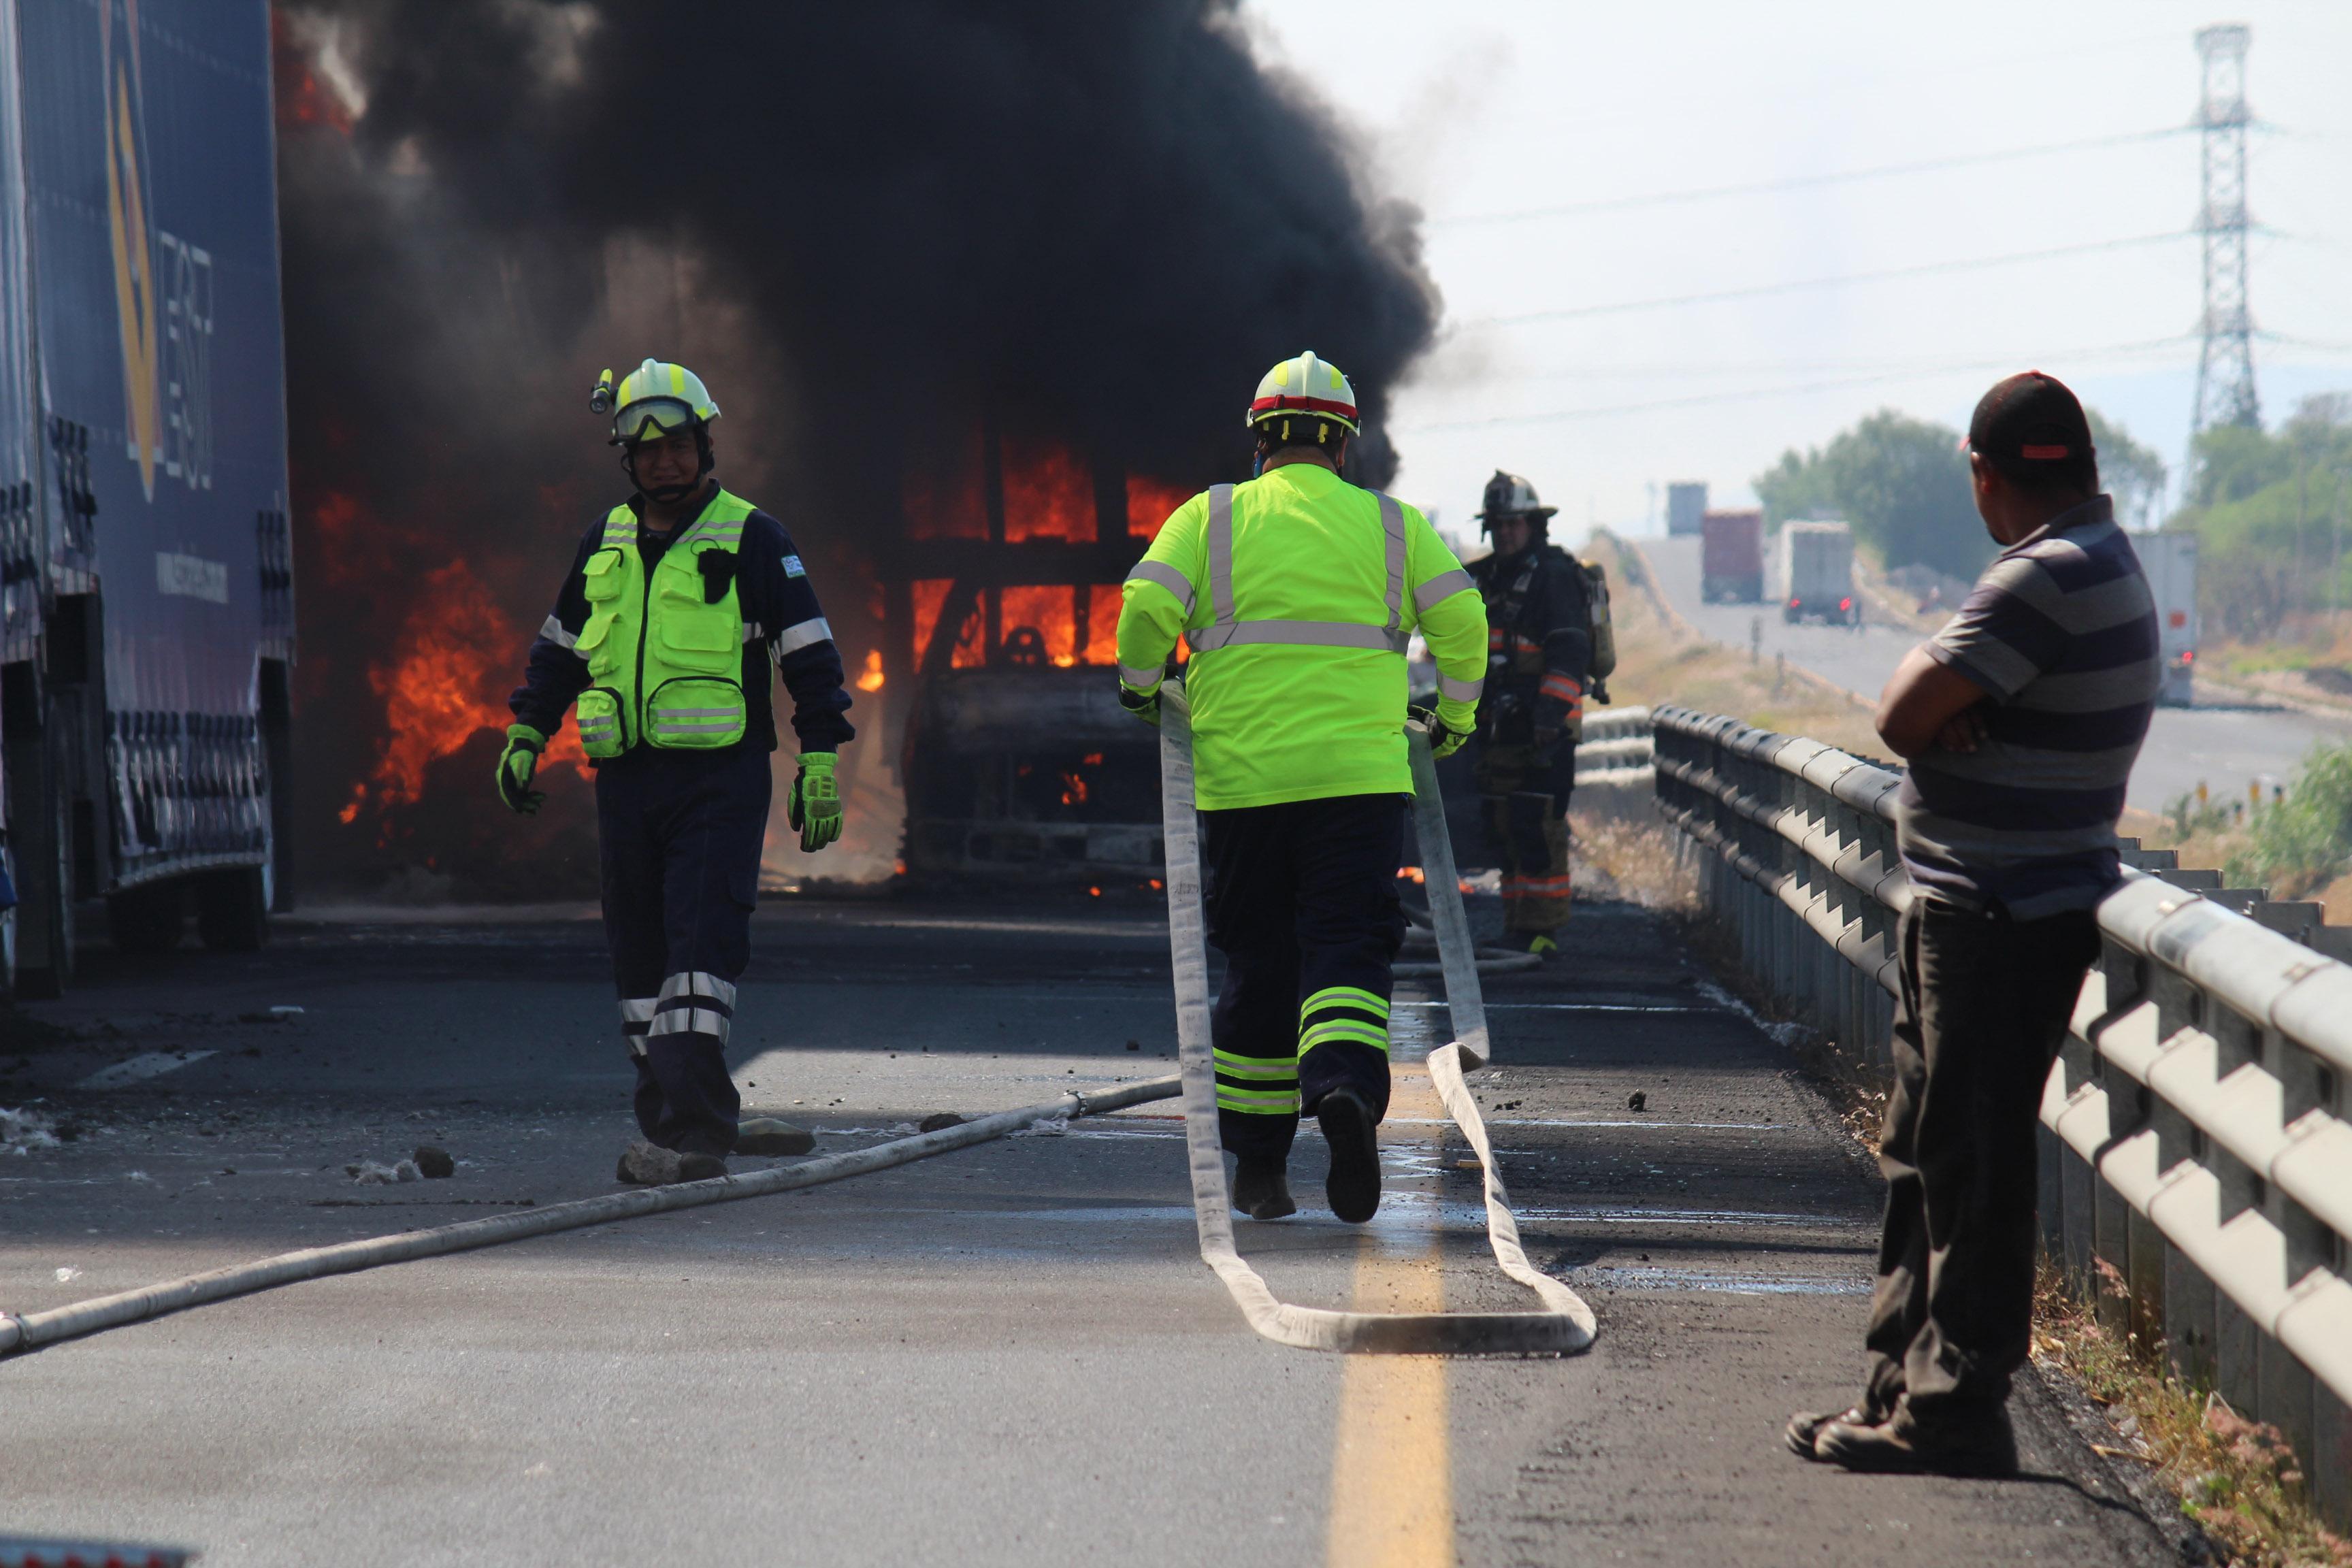 Guanajuato se ha convertido en uno de los más peligrosos en los últimos meses debido a la guerra de cárteles (Foto: ALEJANDRO ROJAS /CUARTOSCURO)